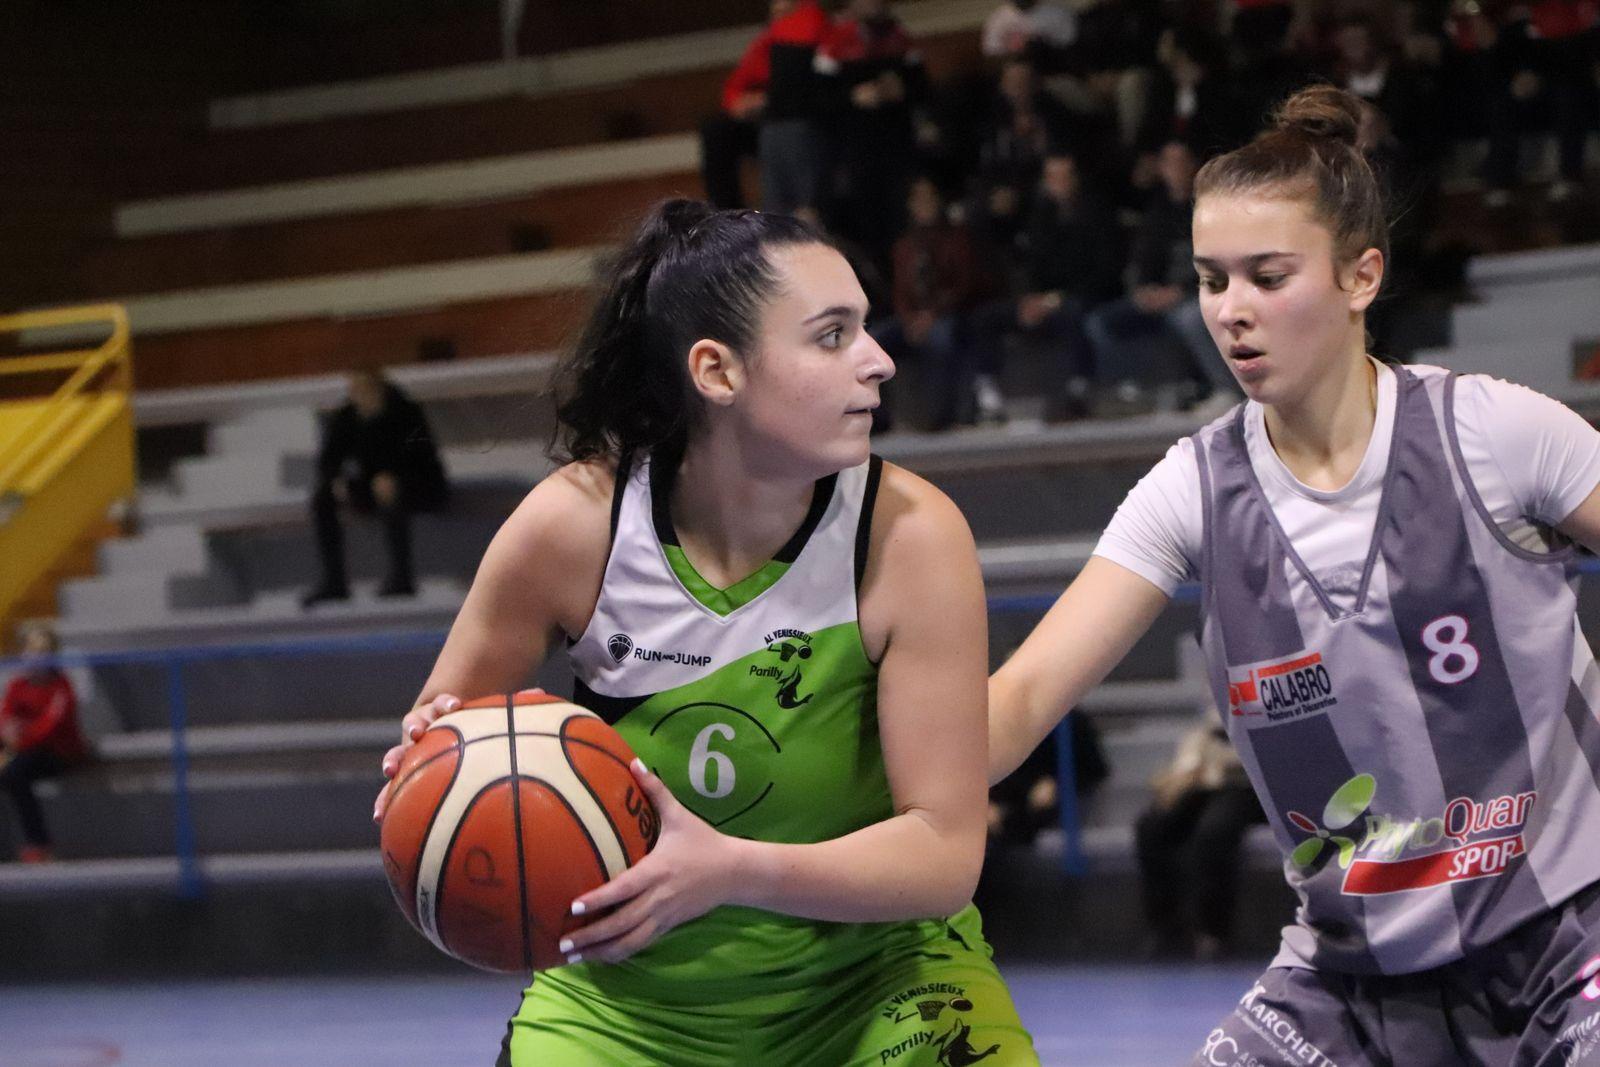 On reverra les féminines de l'ALVP Basket en Nationale 3 lors de la saison 2020/2021